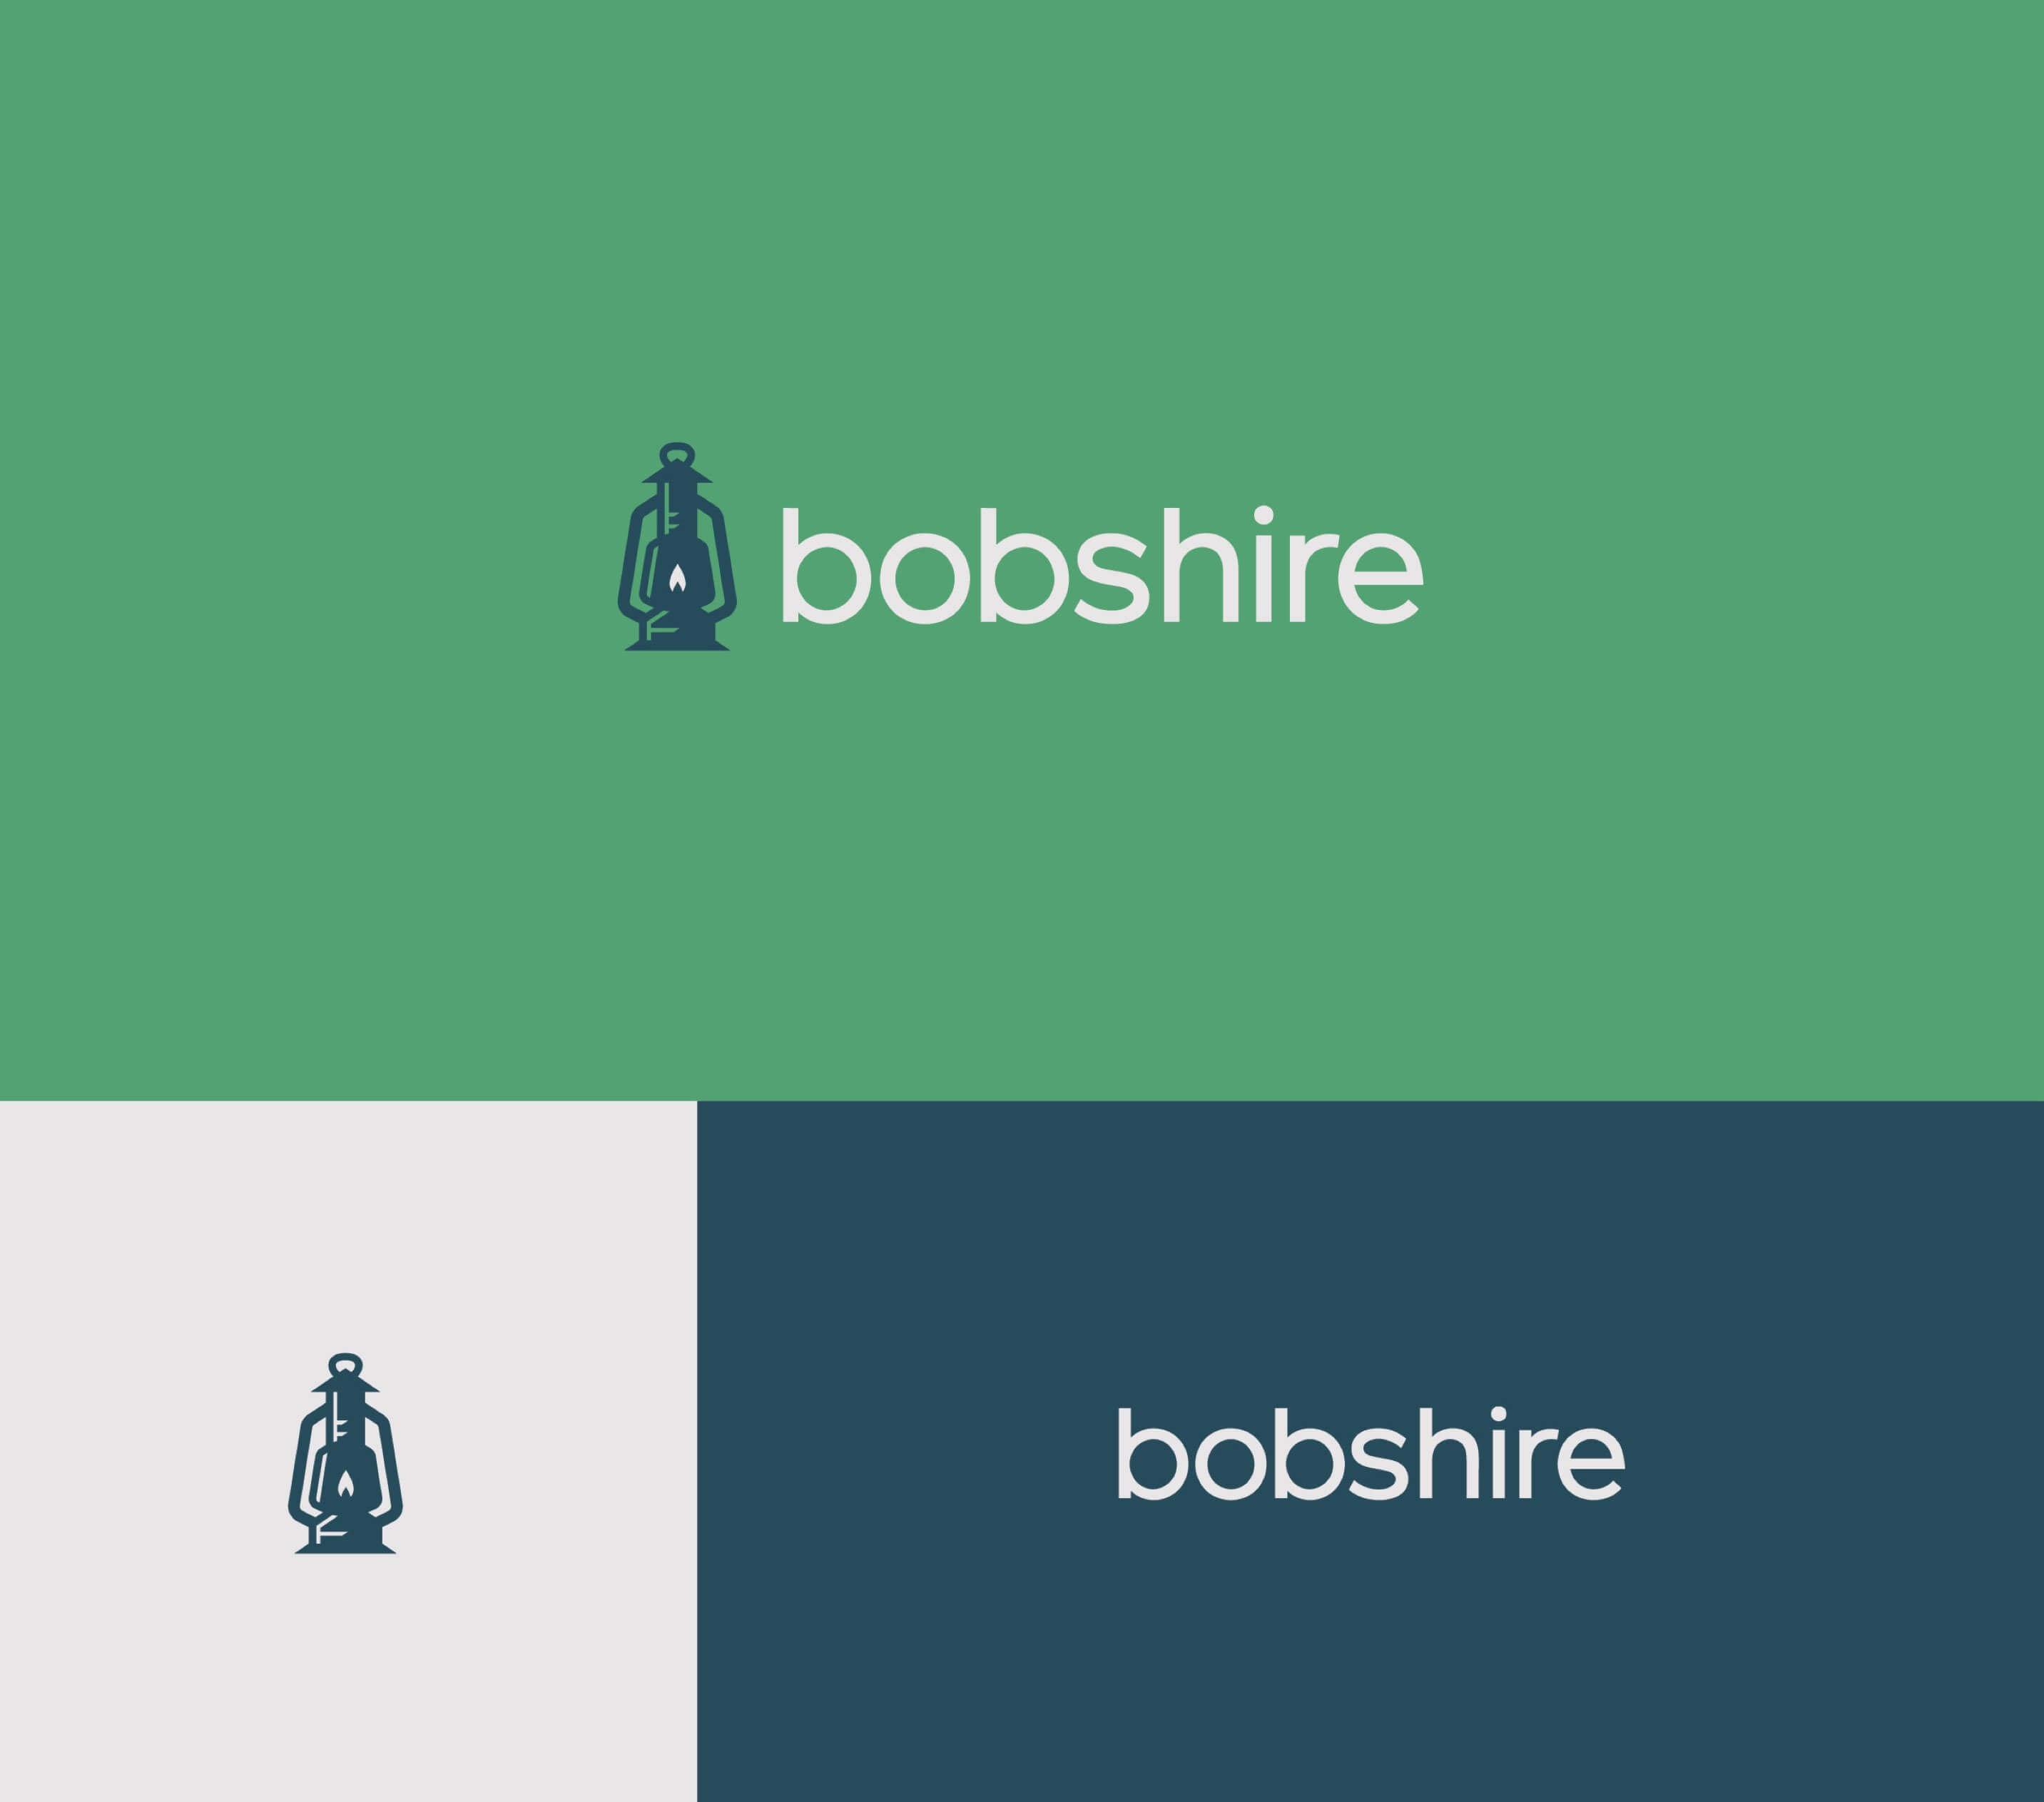 bobshire brand identity system